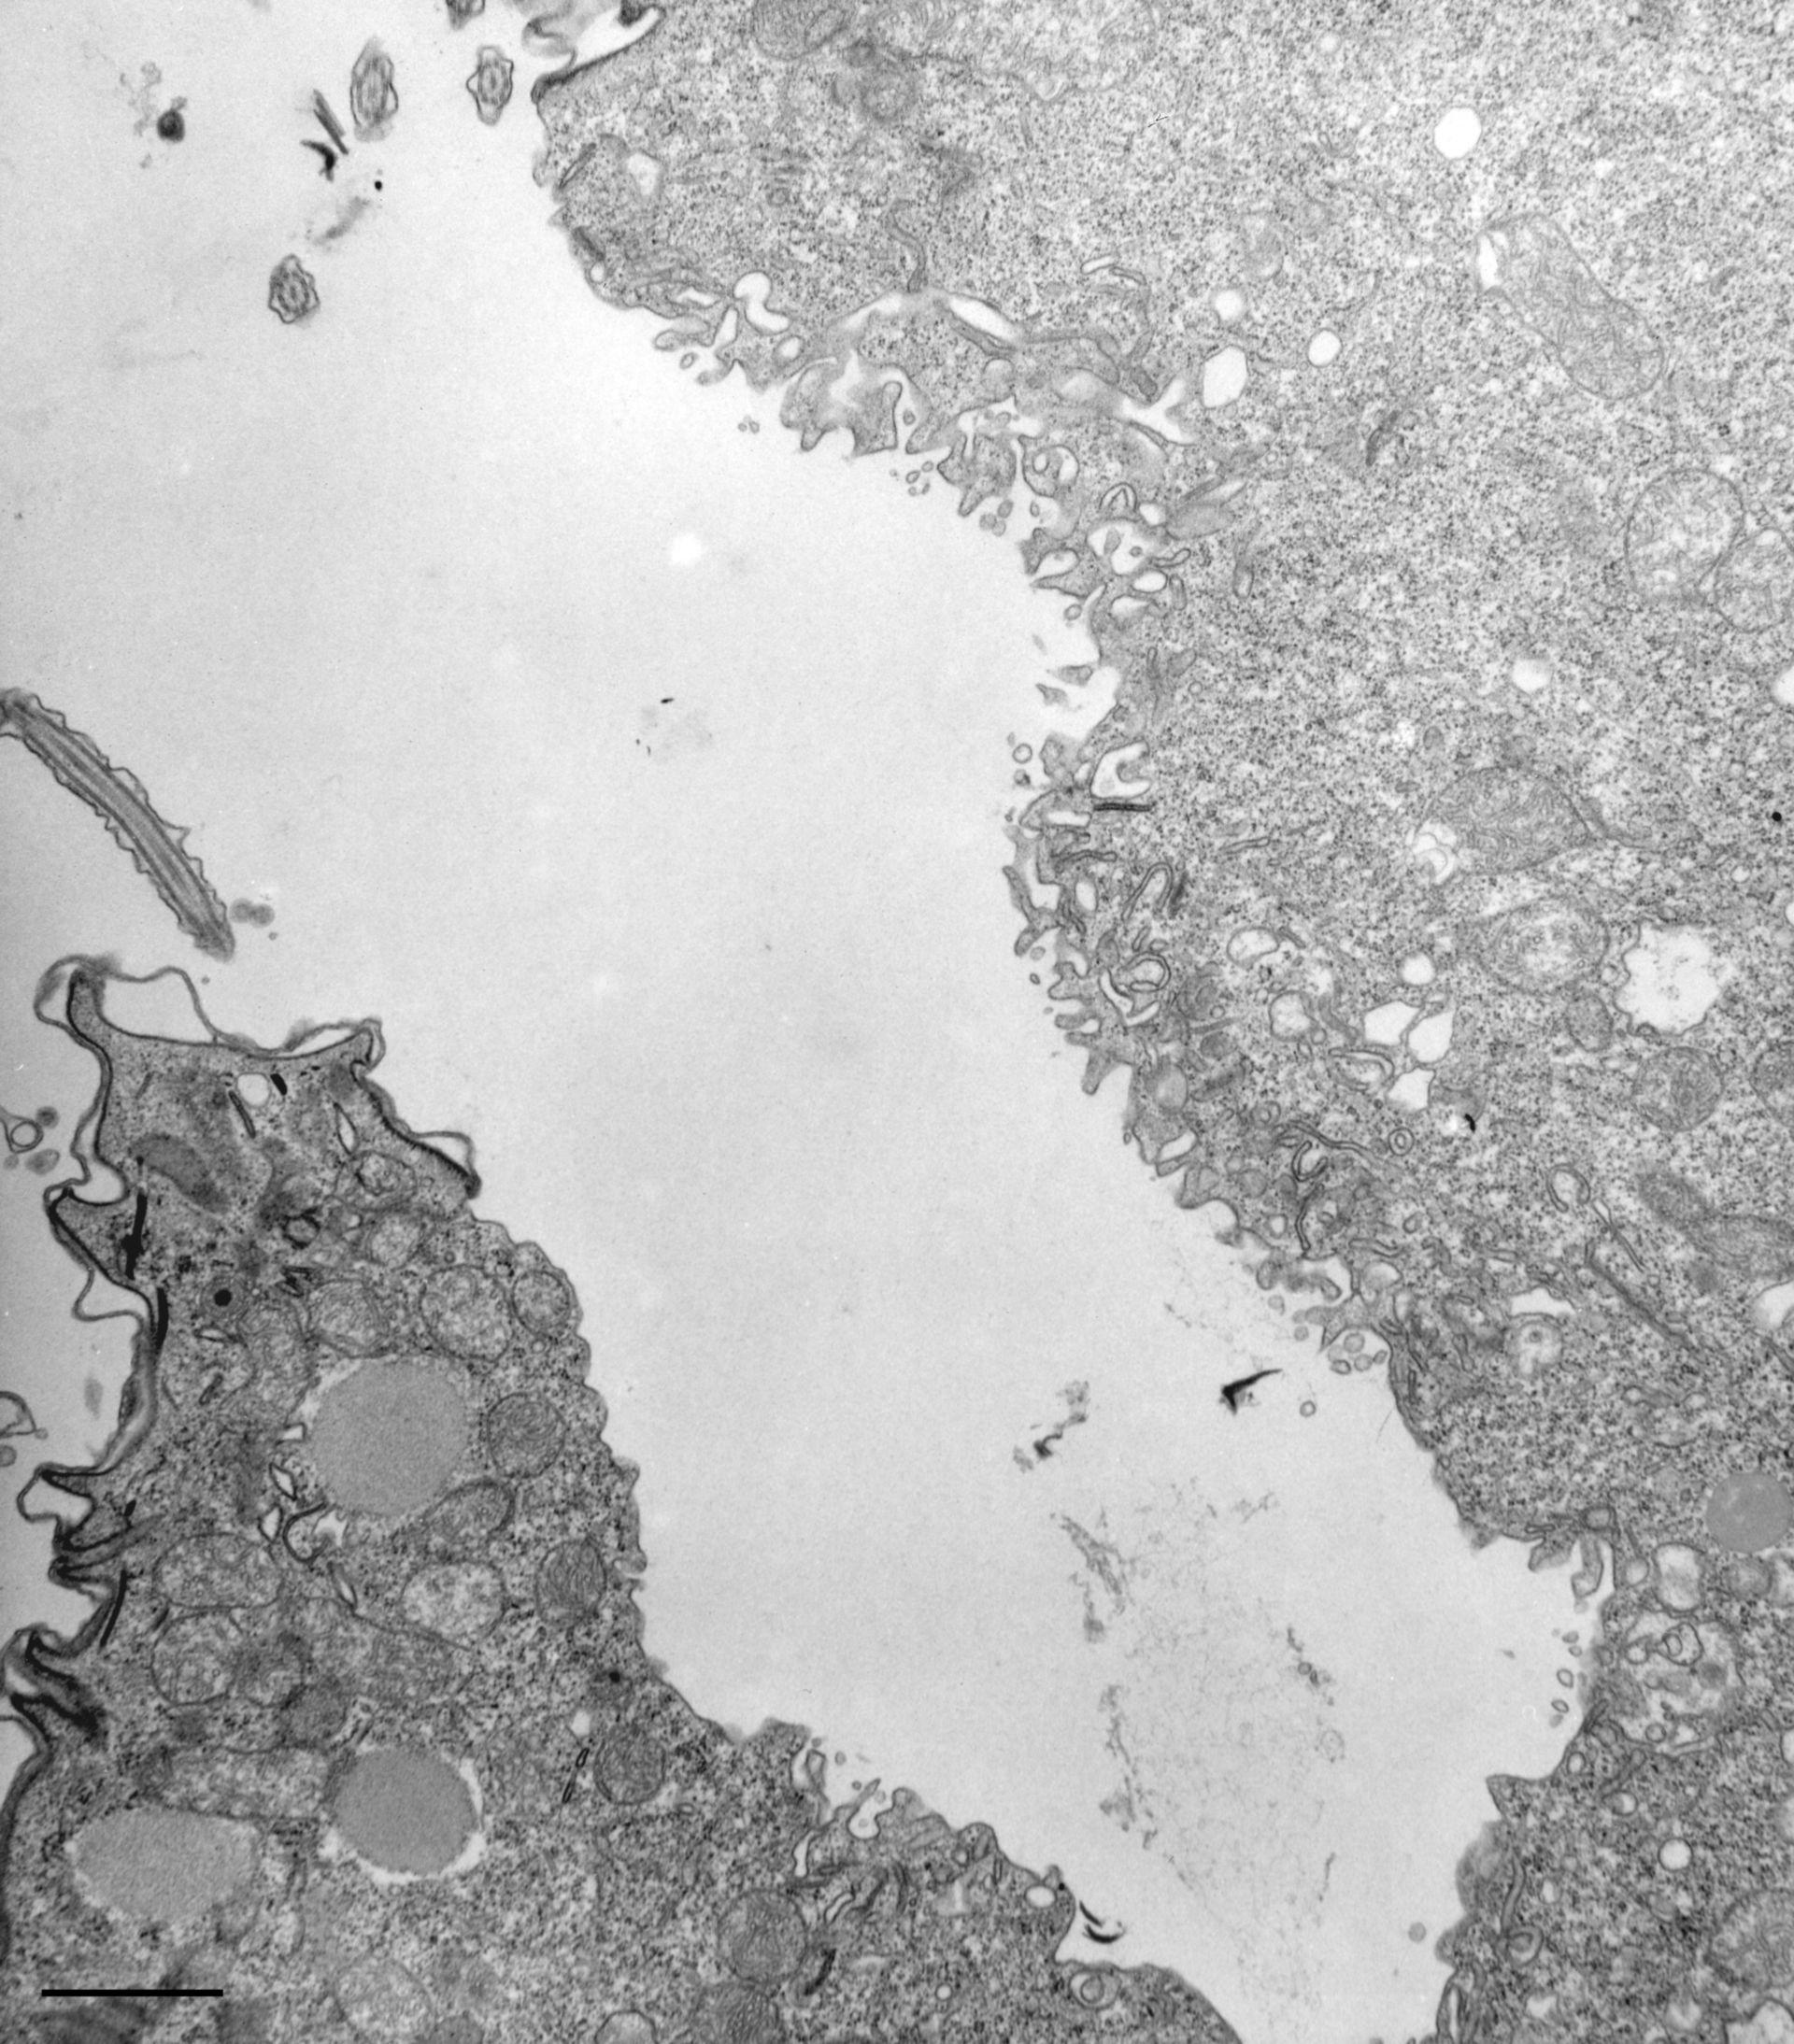 Paramecium multimicronucleatum (Citoplasma) - CIL:13132